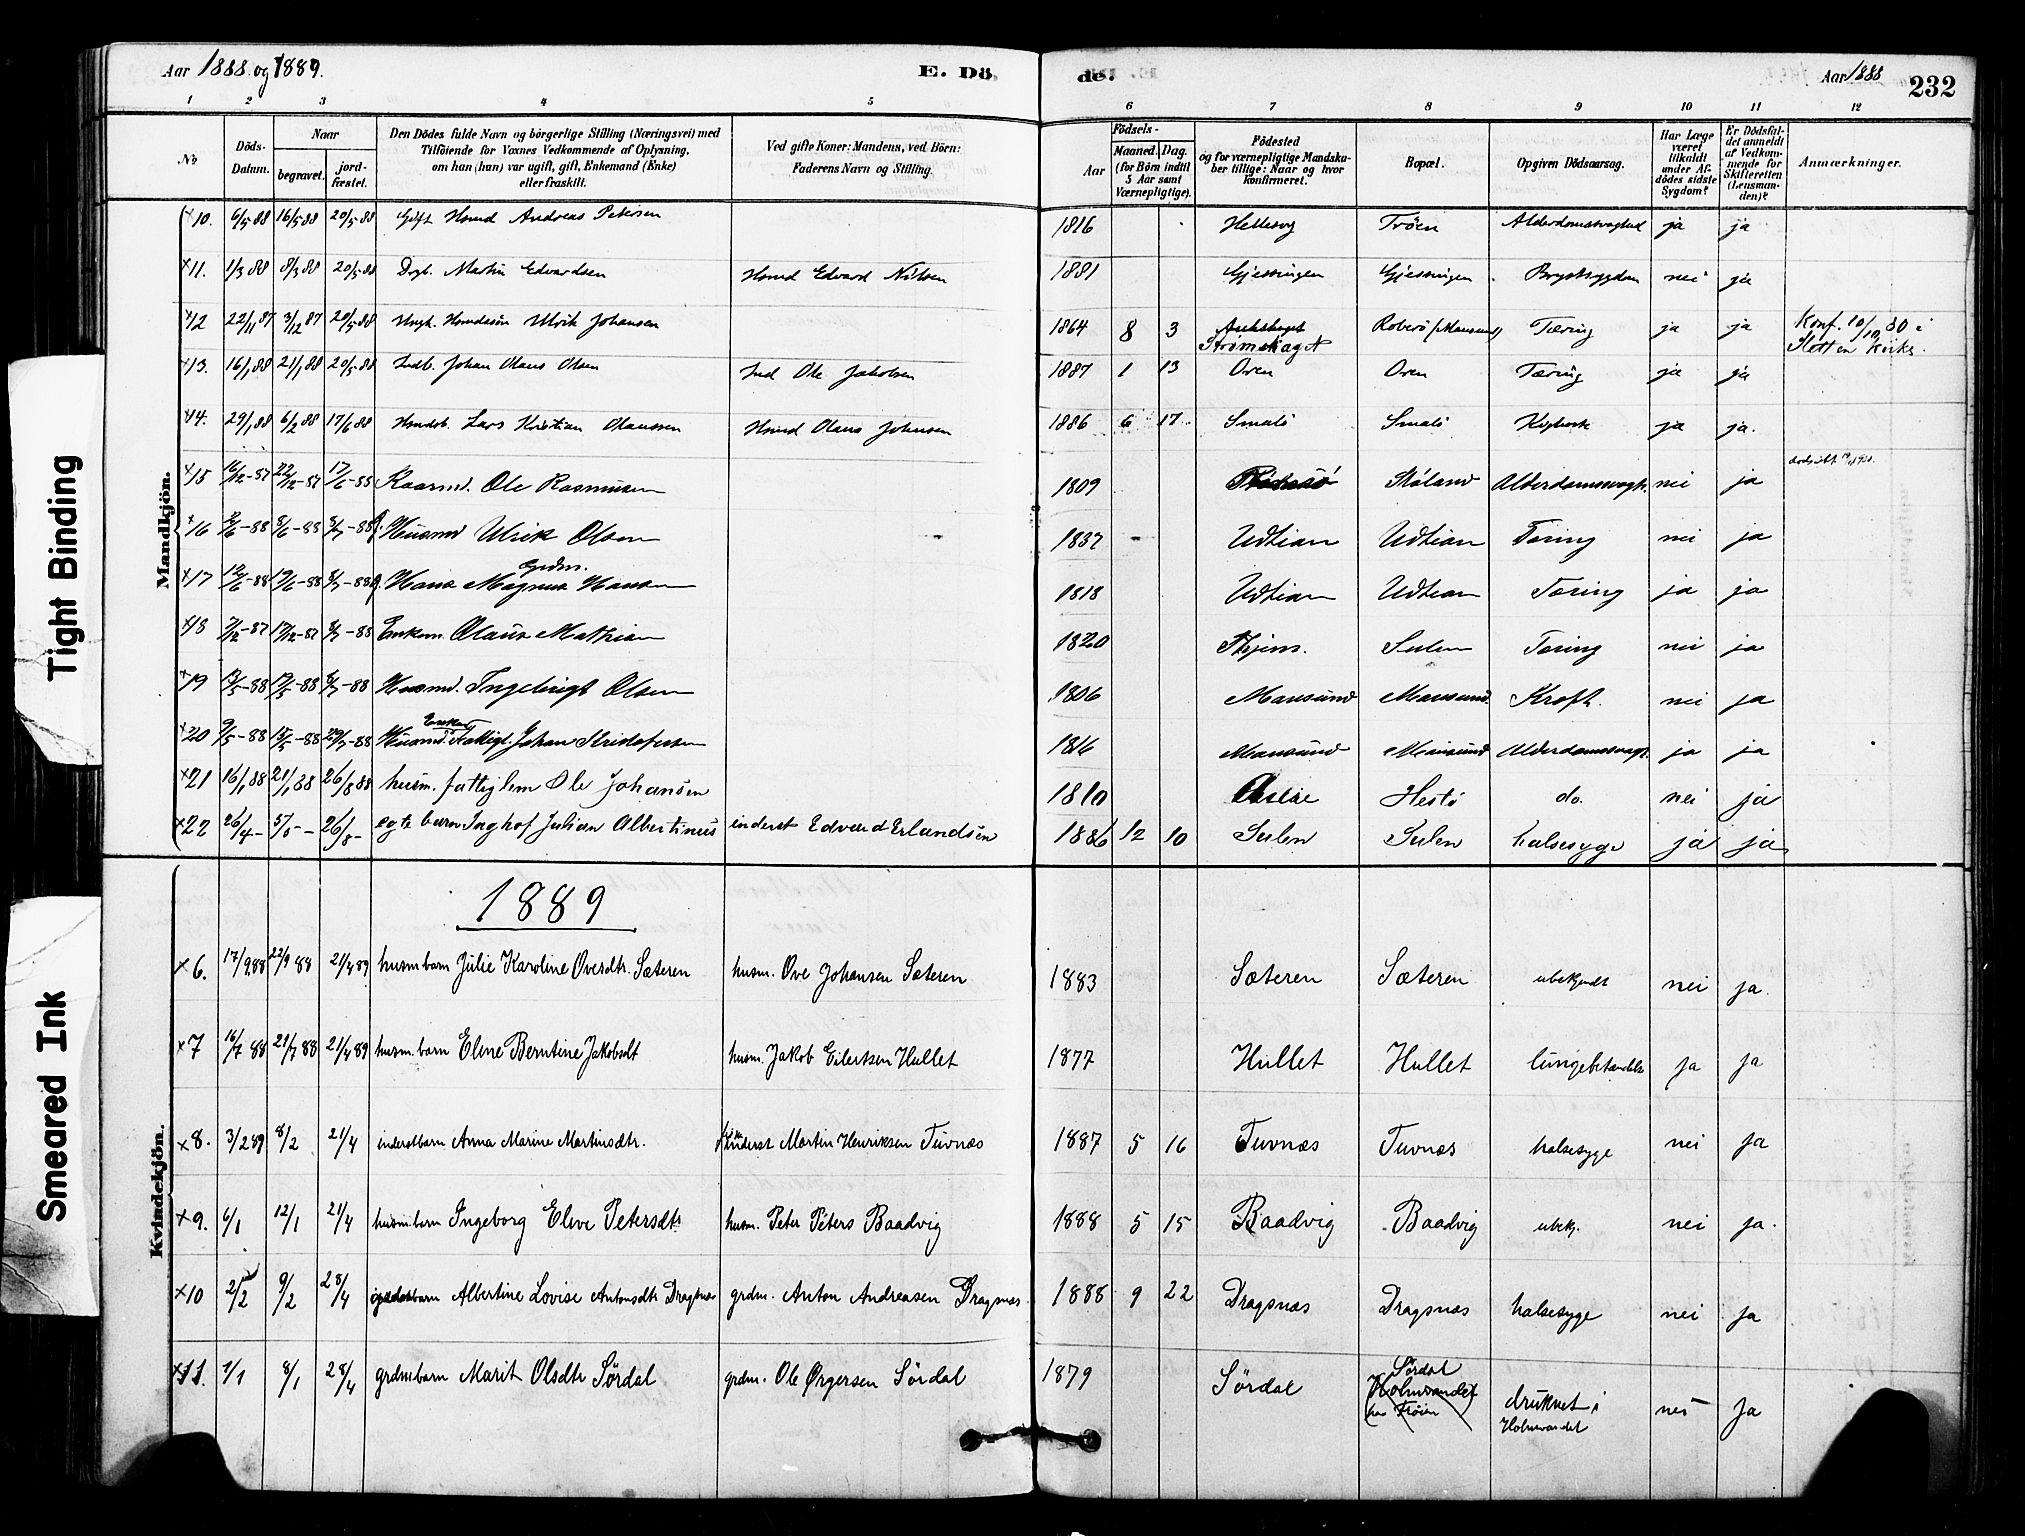 SAT, Ministerialprotokoller, klokkerbøker og fødselsregistre - Sør-Trøndelag, 640/L0578: Ministerialbok nr. 640A03, 1879-1889, s. 232